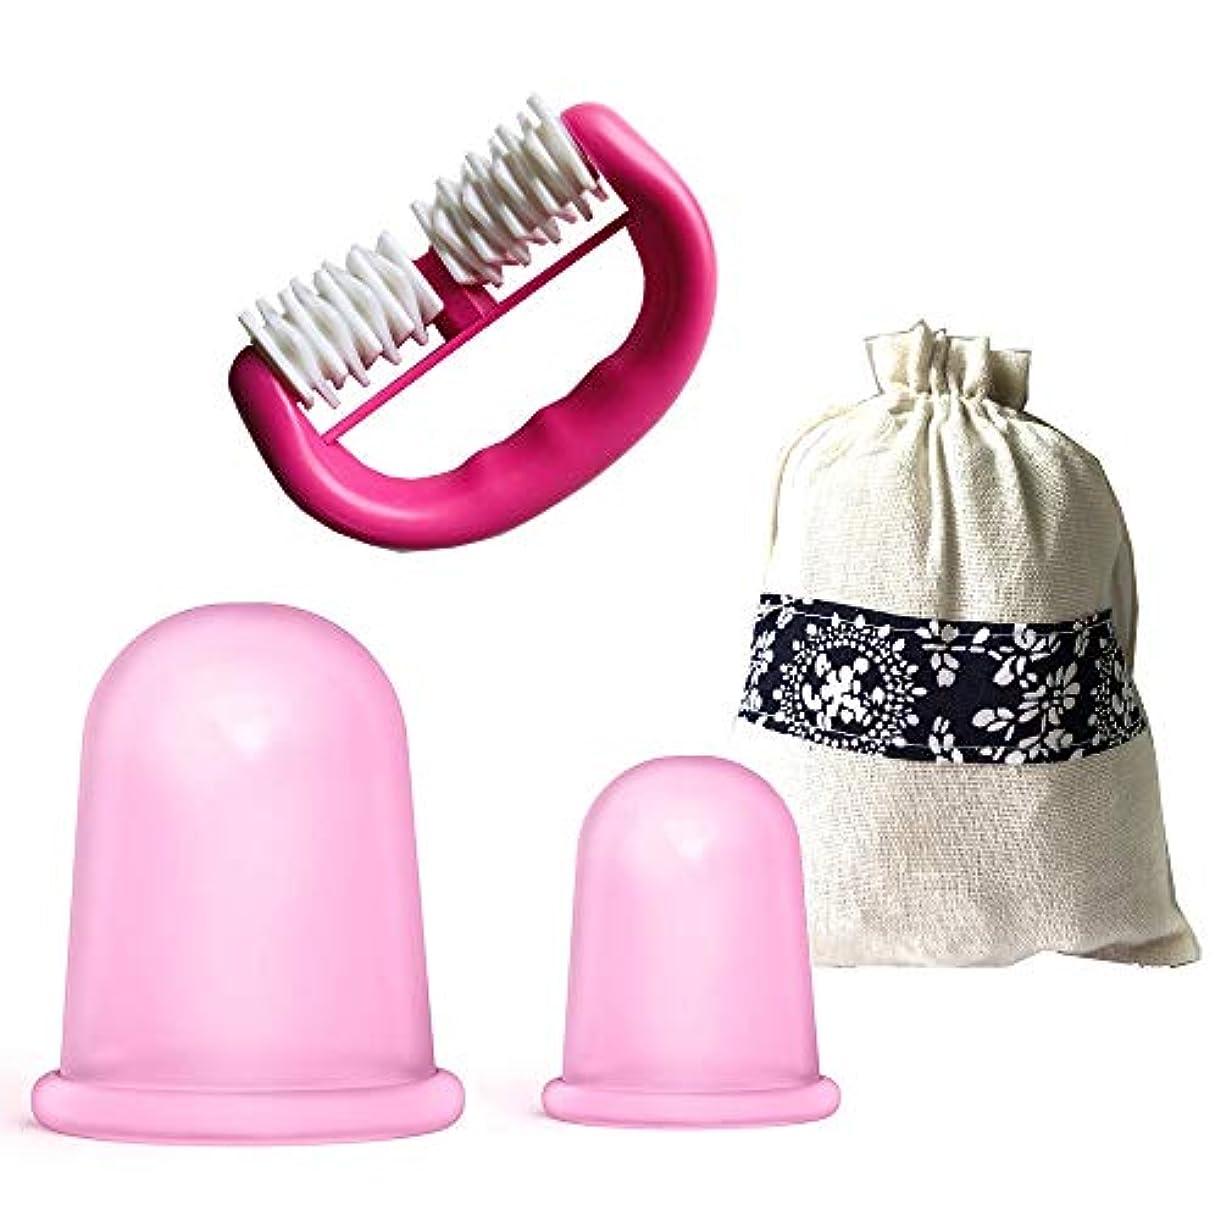 ブロー許容できる恩赦セルライトカッピングセラピーセットシリコンカッピングマッサージカップモイスチャーガシャ+ローラーマッサージャー付きギフトバッグ,Pink